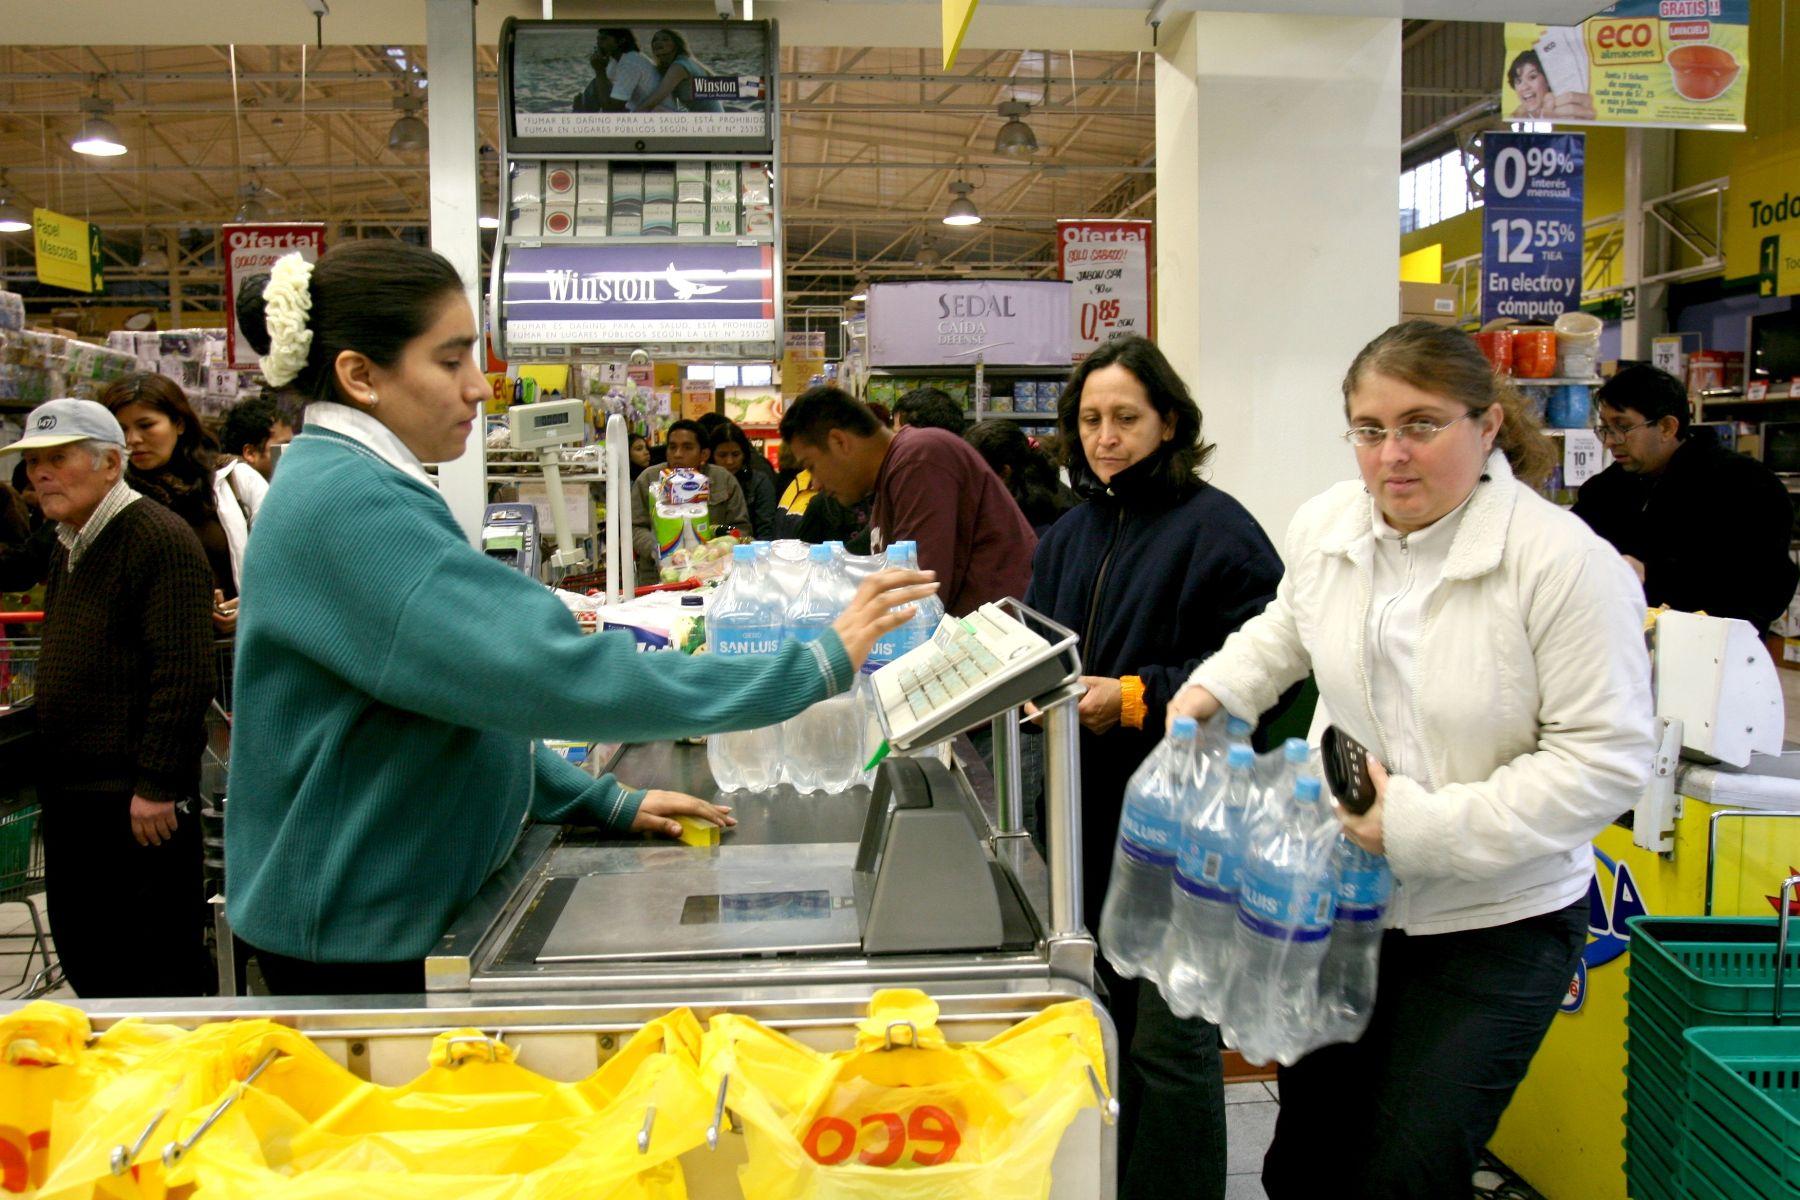 Consumidor Perú 3 - 6 de cada 10 familias peruanas aplican estrategias para reducir o mantener su presupuesto